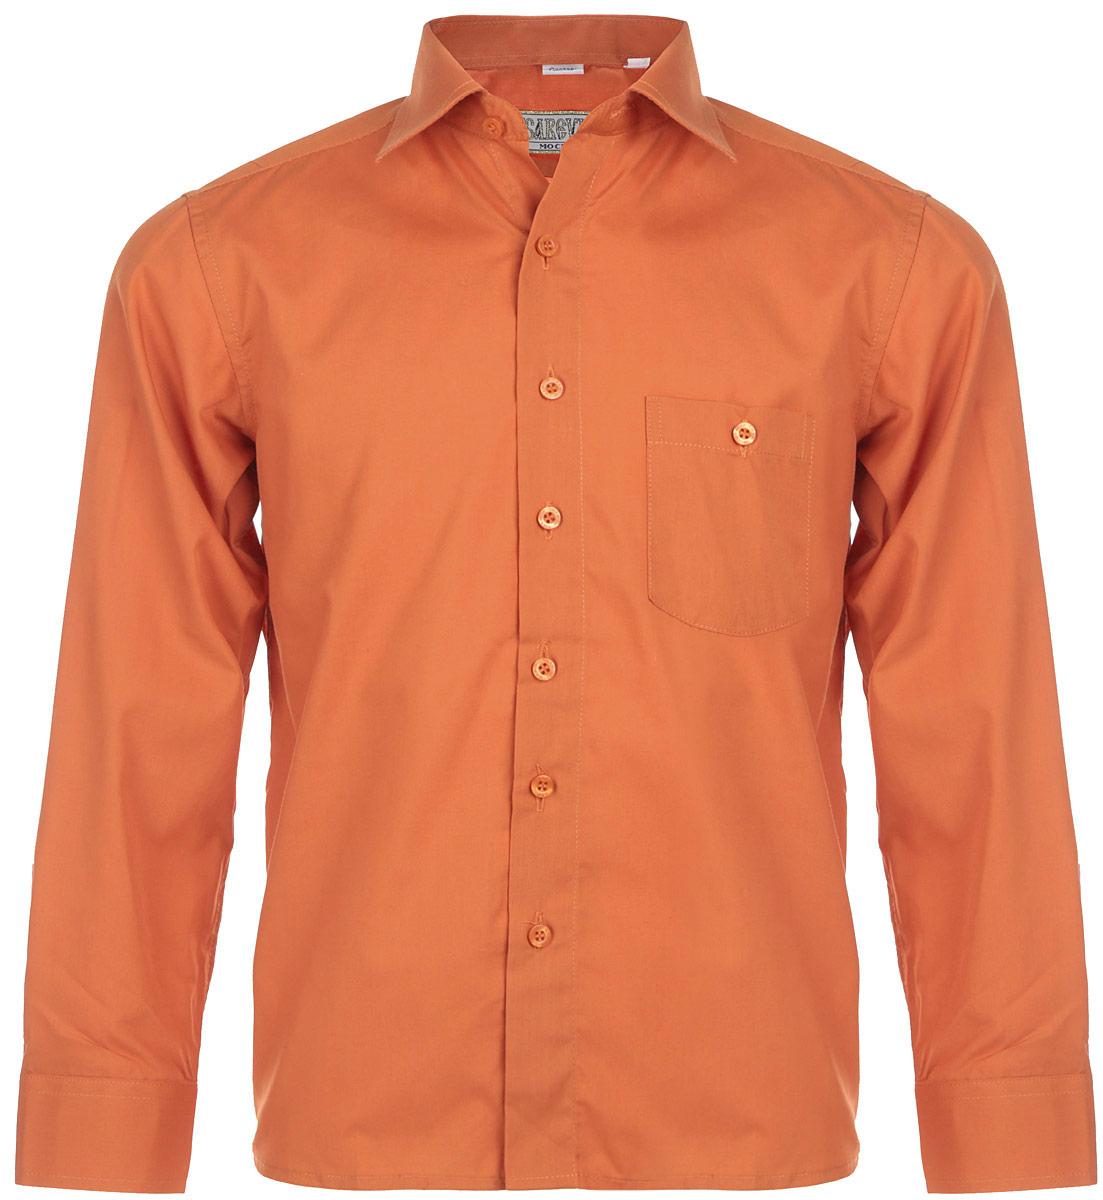 Рубашка для мальчика Tsarevich, цвет: темно-оранжевый. KR-68. Размер 32/134-140, 9-10 летKR-68Стильная рубашка для мальчика Tsarevich идеально подойдет вашему юному мужчине. Изготовленная из хлопка с добавлением полиэстера, она мягкая и приятная на ощупь, не сковывает движения и позволяет коже дышать, не раздражает даже самую нежную и чувствительную кожу ребенка, обеспечивая ему наибольший комфорт. Модель классического кроя с длинными рукавами и отложным воротничком застегивается по всей длине на пуговицы. На груди располагается накладной карман на пуговице. Края рукавов дополнены широкими манжетами на пуговицах. Такая рубашка будет прекрасно смотреться с брюками и джинсами. Она станет неотъемлемой частью детского гардероба.